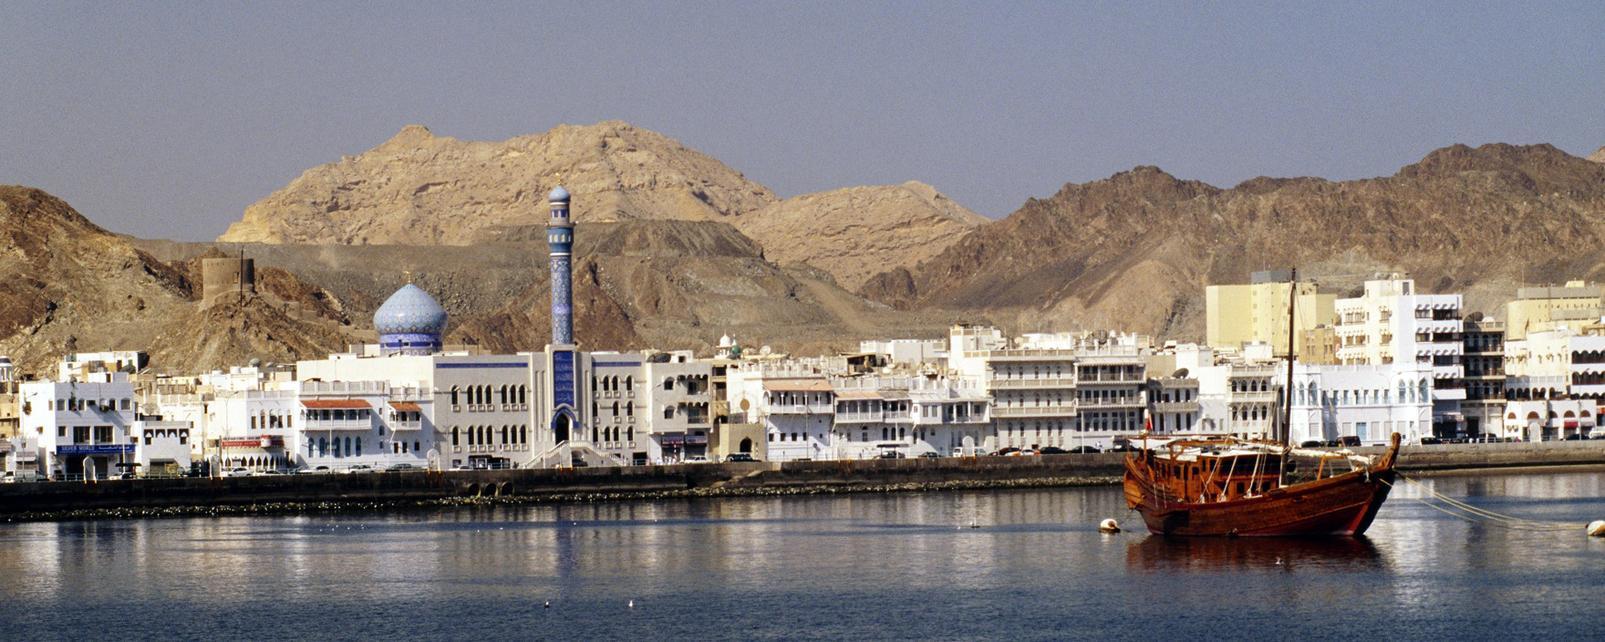 9 - Mascate, Omán